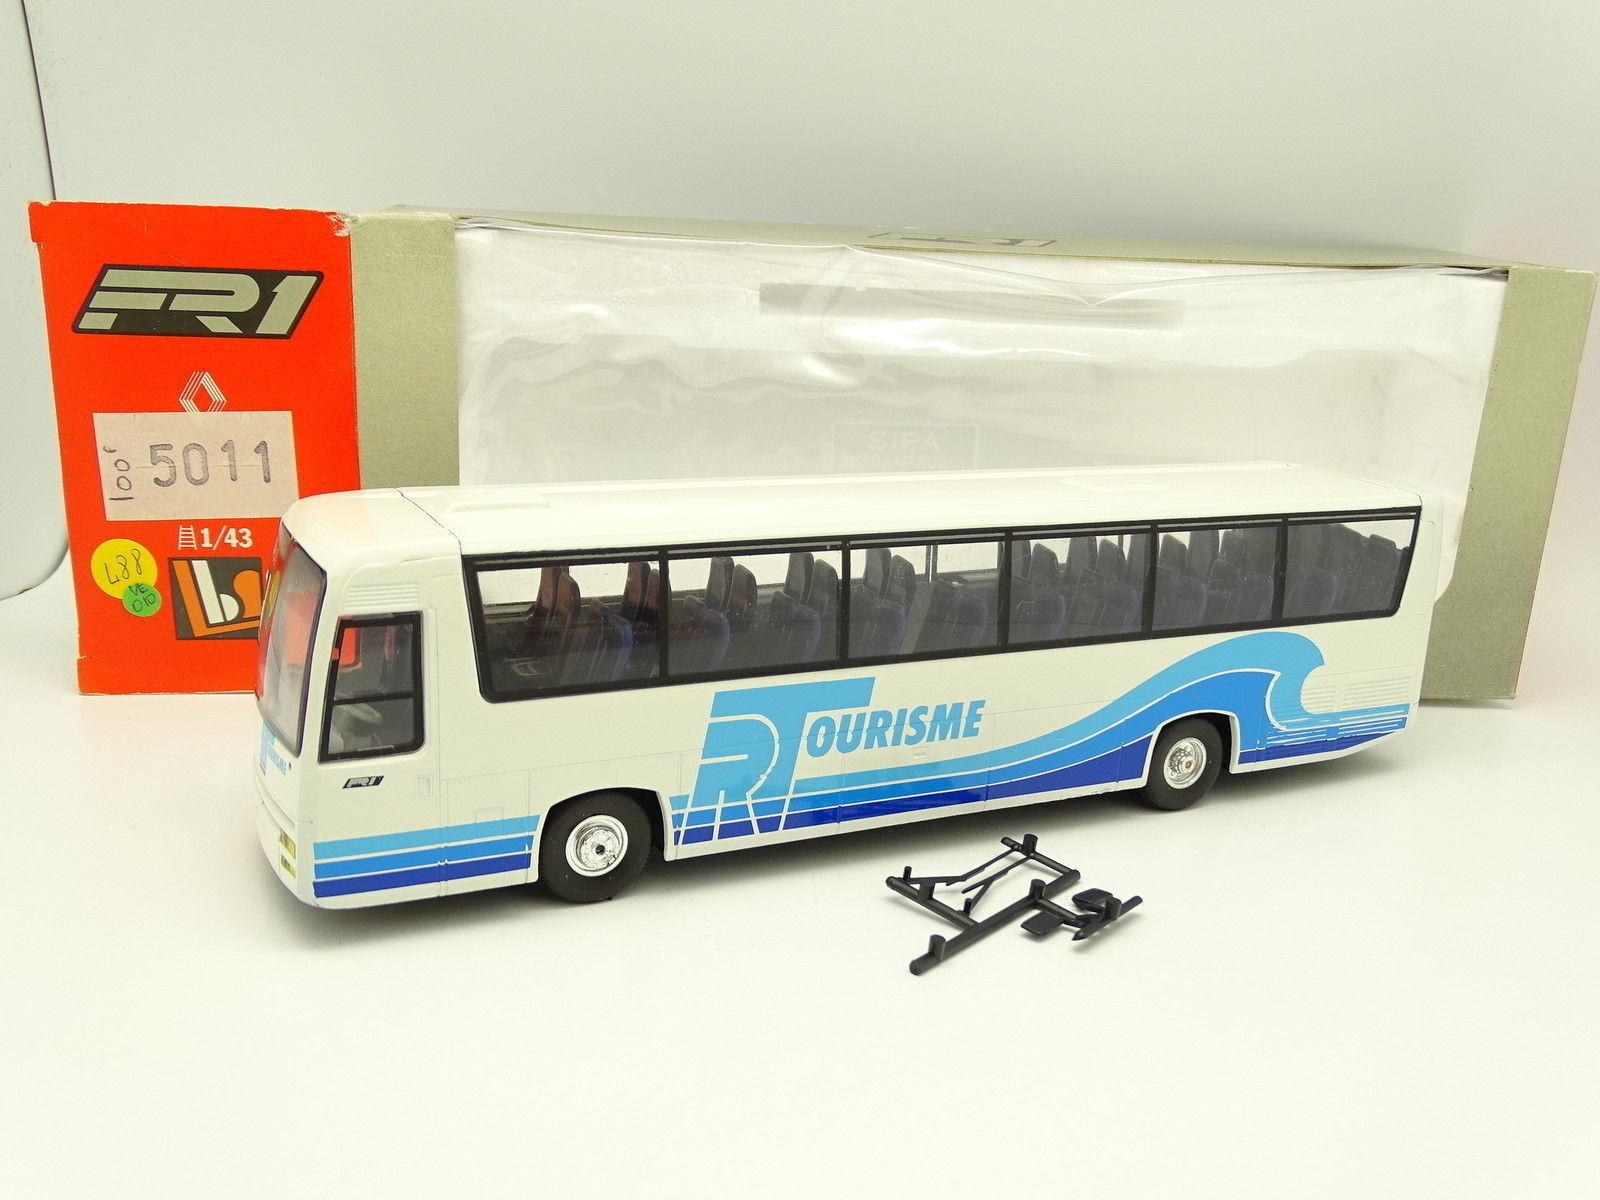 ordene ahora los precios más bajos Eligor LBS 1 43 - - - Bus Coche AutoCoche Renault FR1 RT Tourisme  últimos estilos